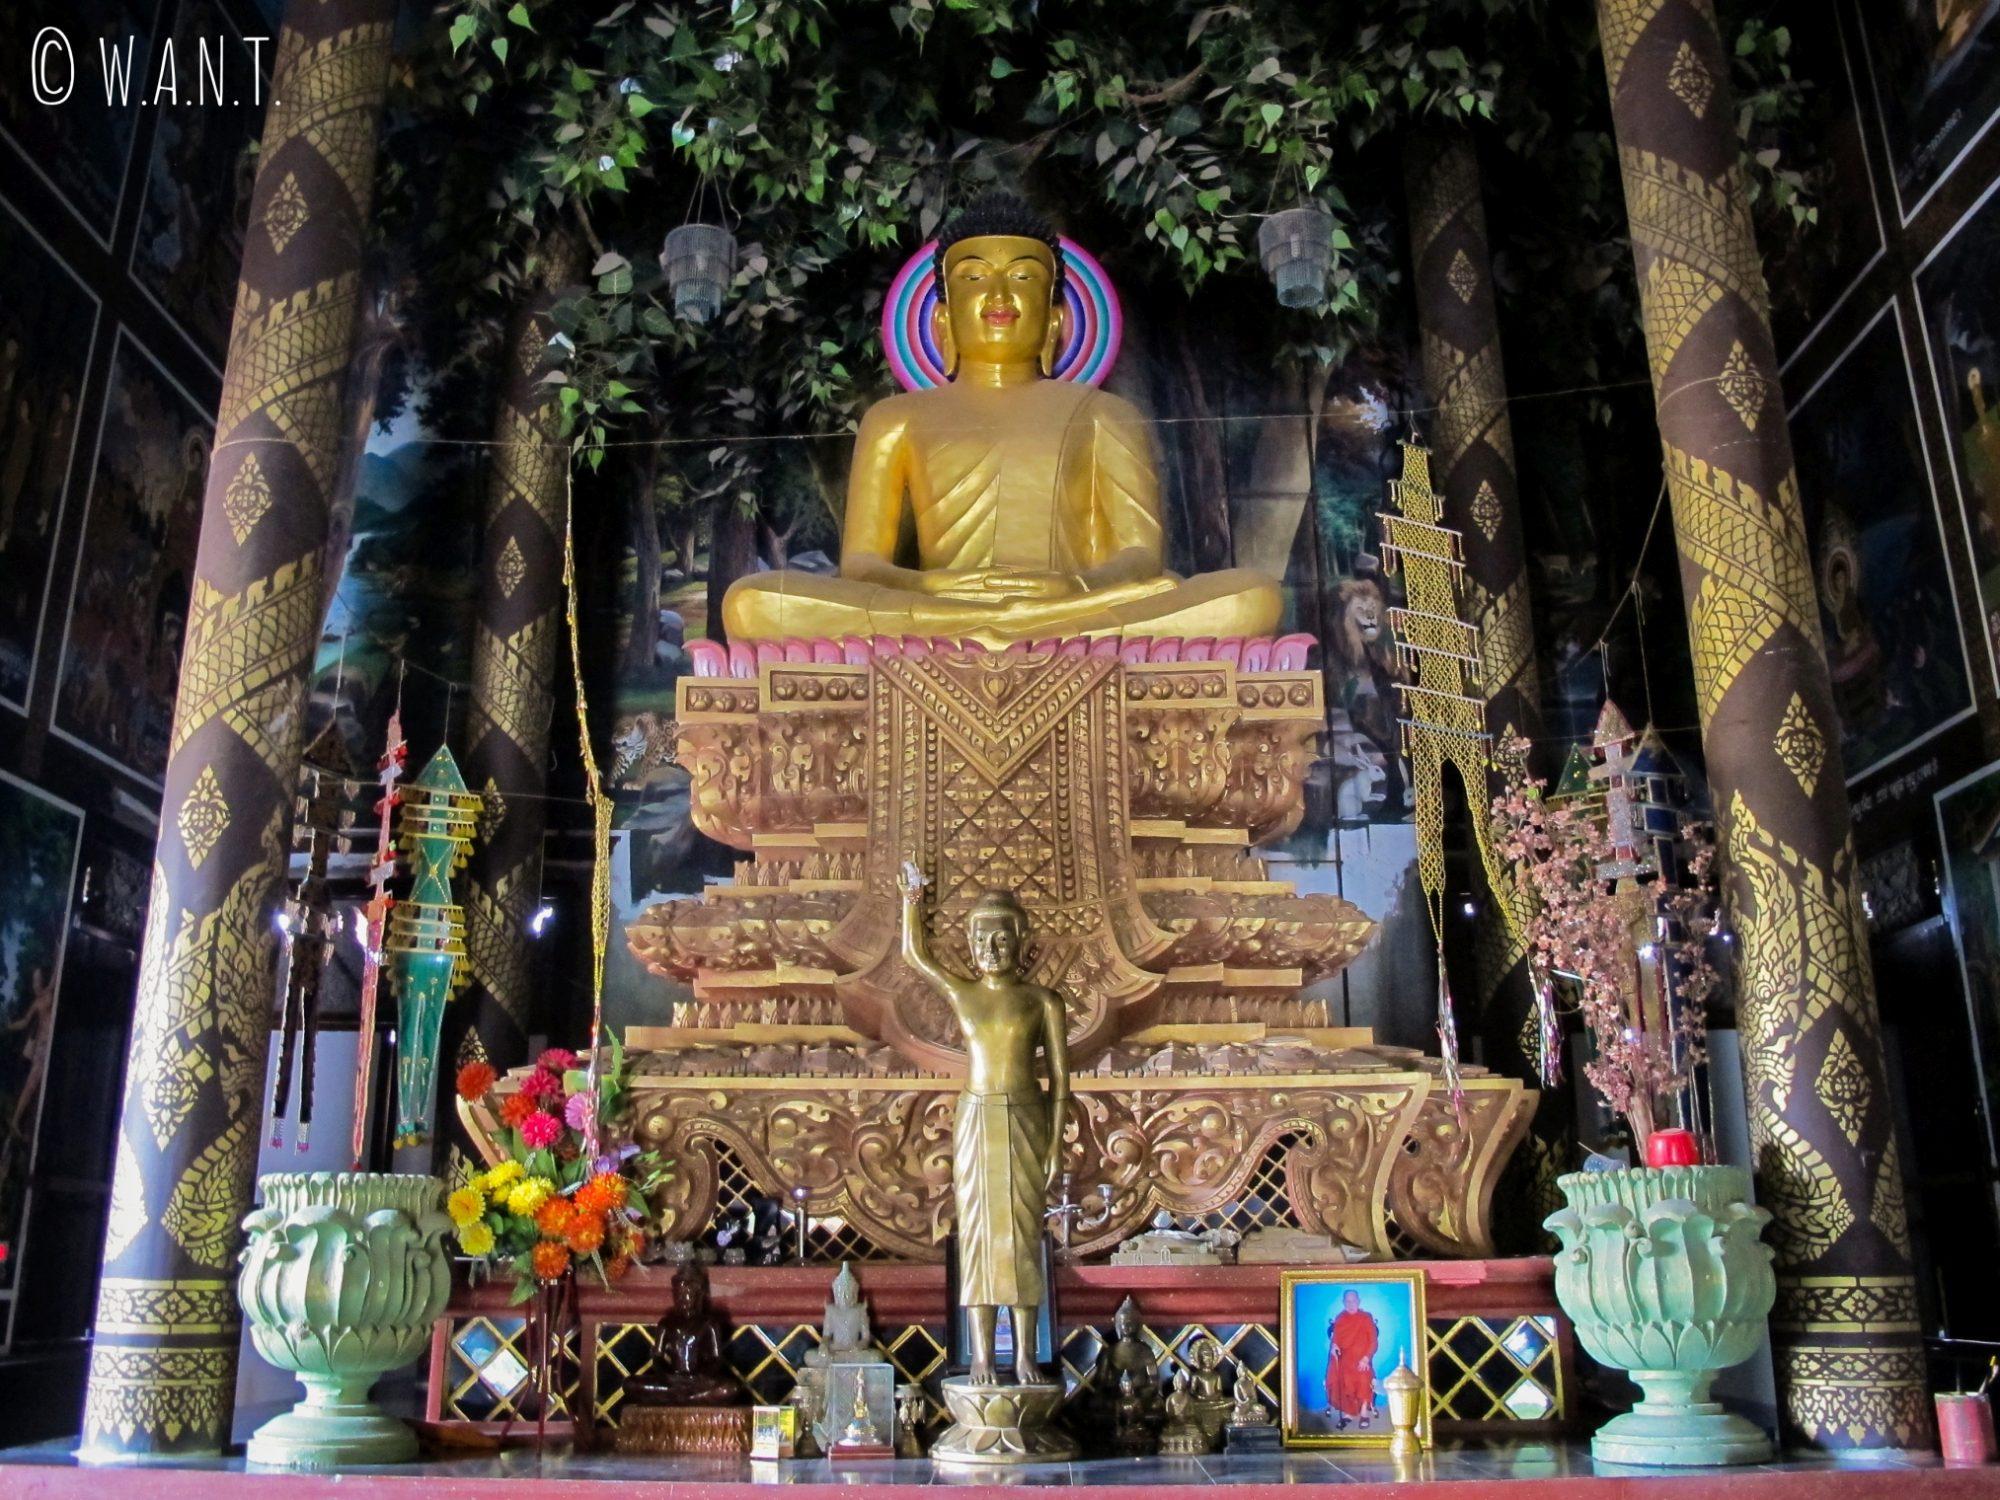 A l'intérieur du monastère du Cambodge situé à Lumbini, Bouddha est représenté sous le Bodhi tree